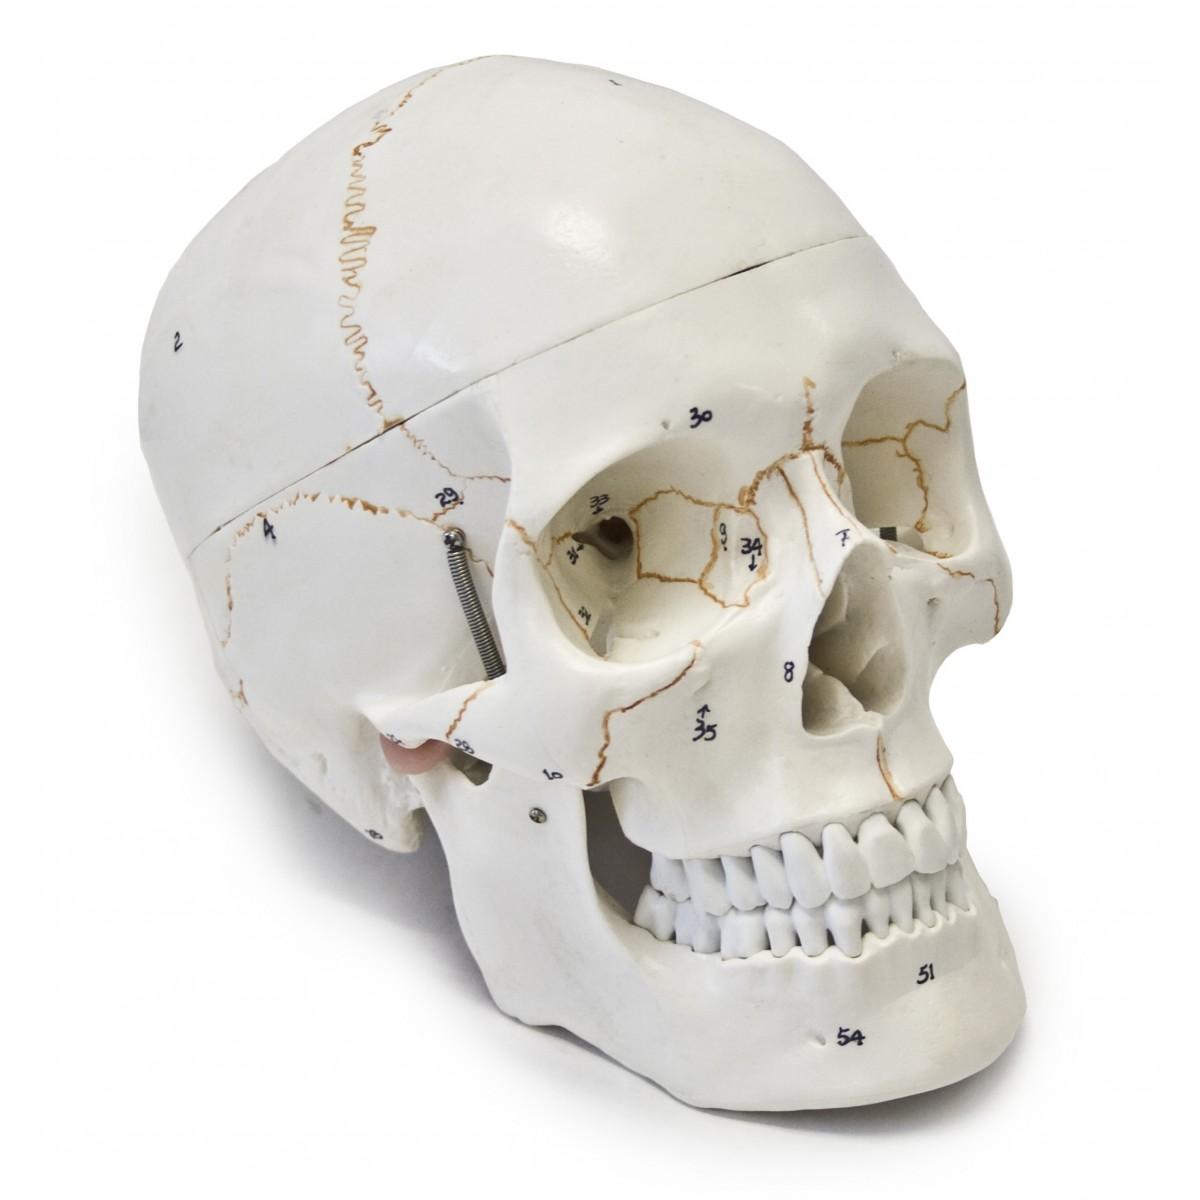 Walter Numbered Human Skull Skulls Skeletal System Human